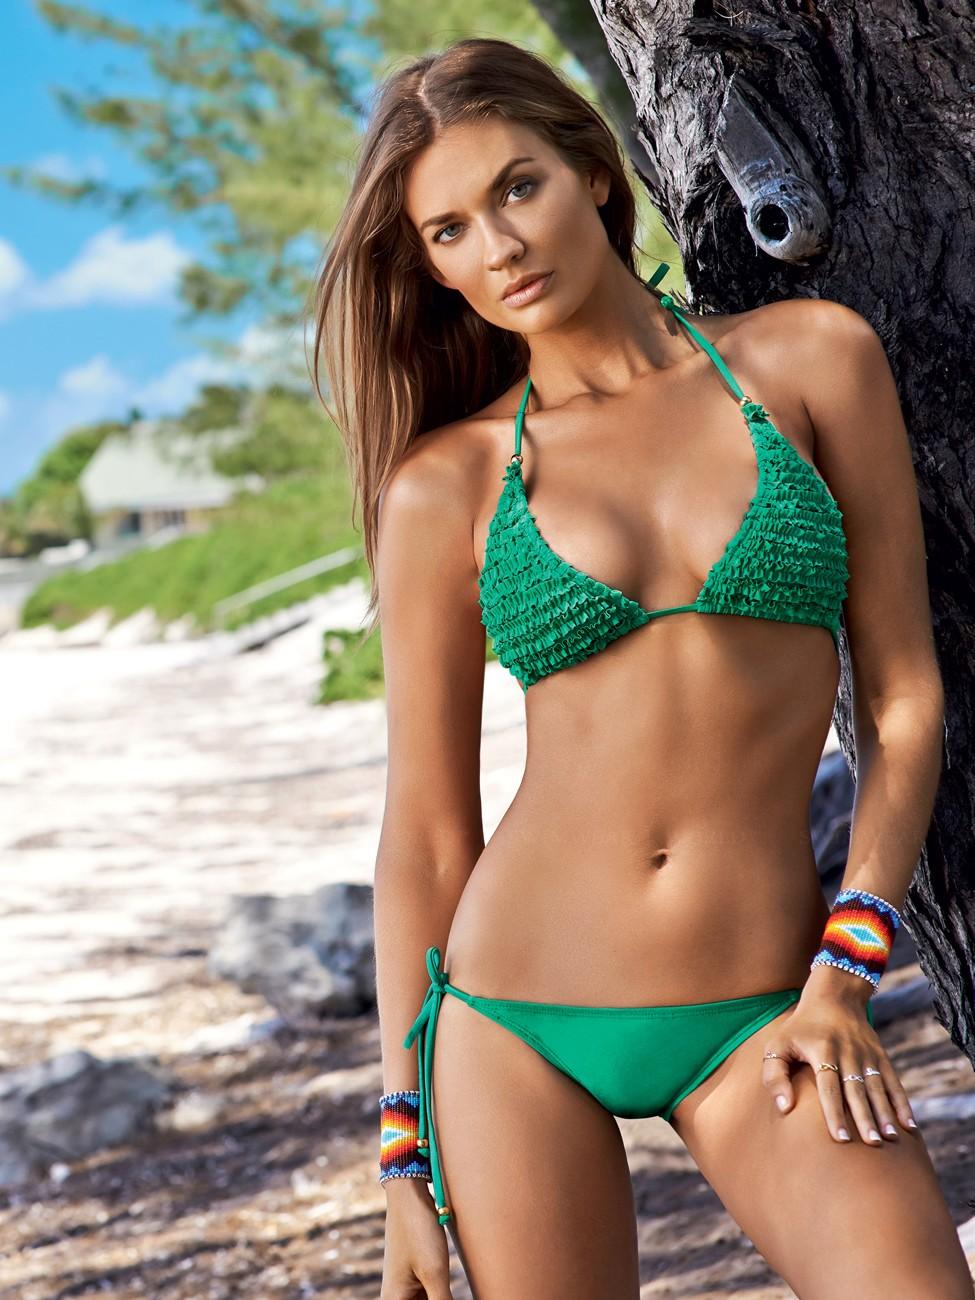 Amber Arbucci in a bikini